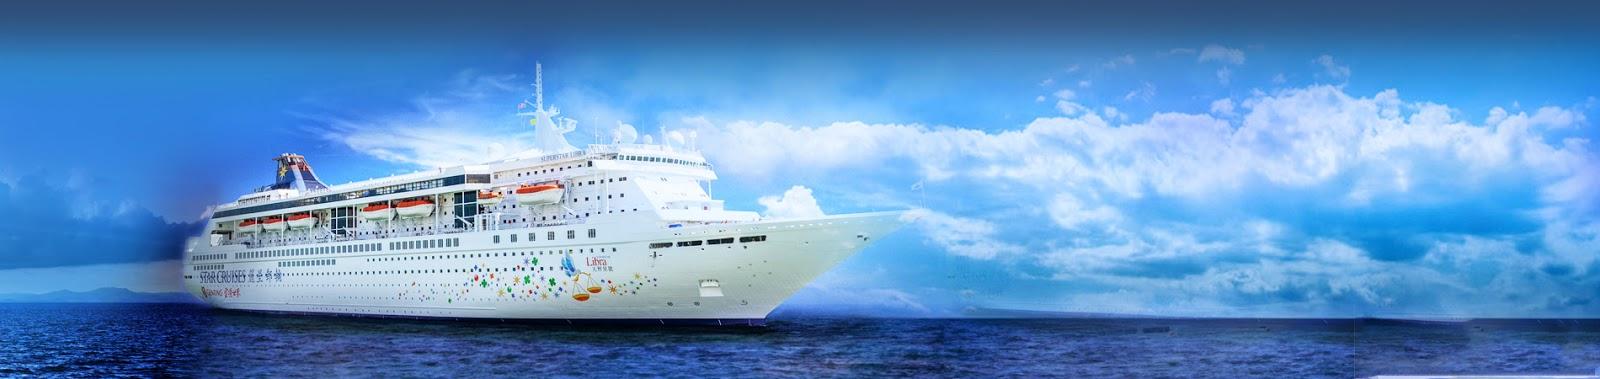 cruise islamic